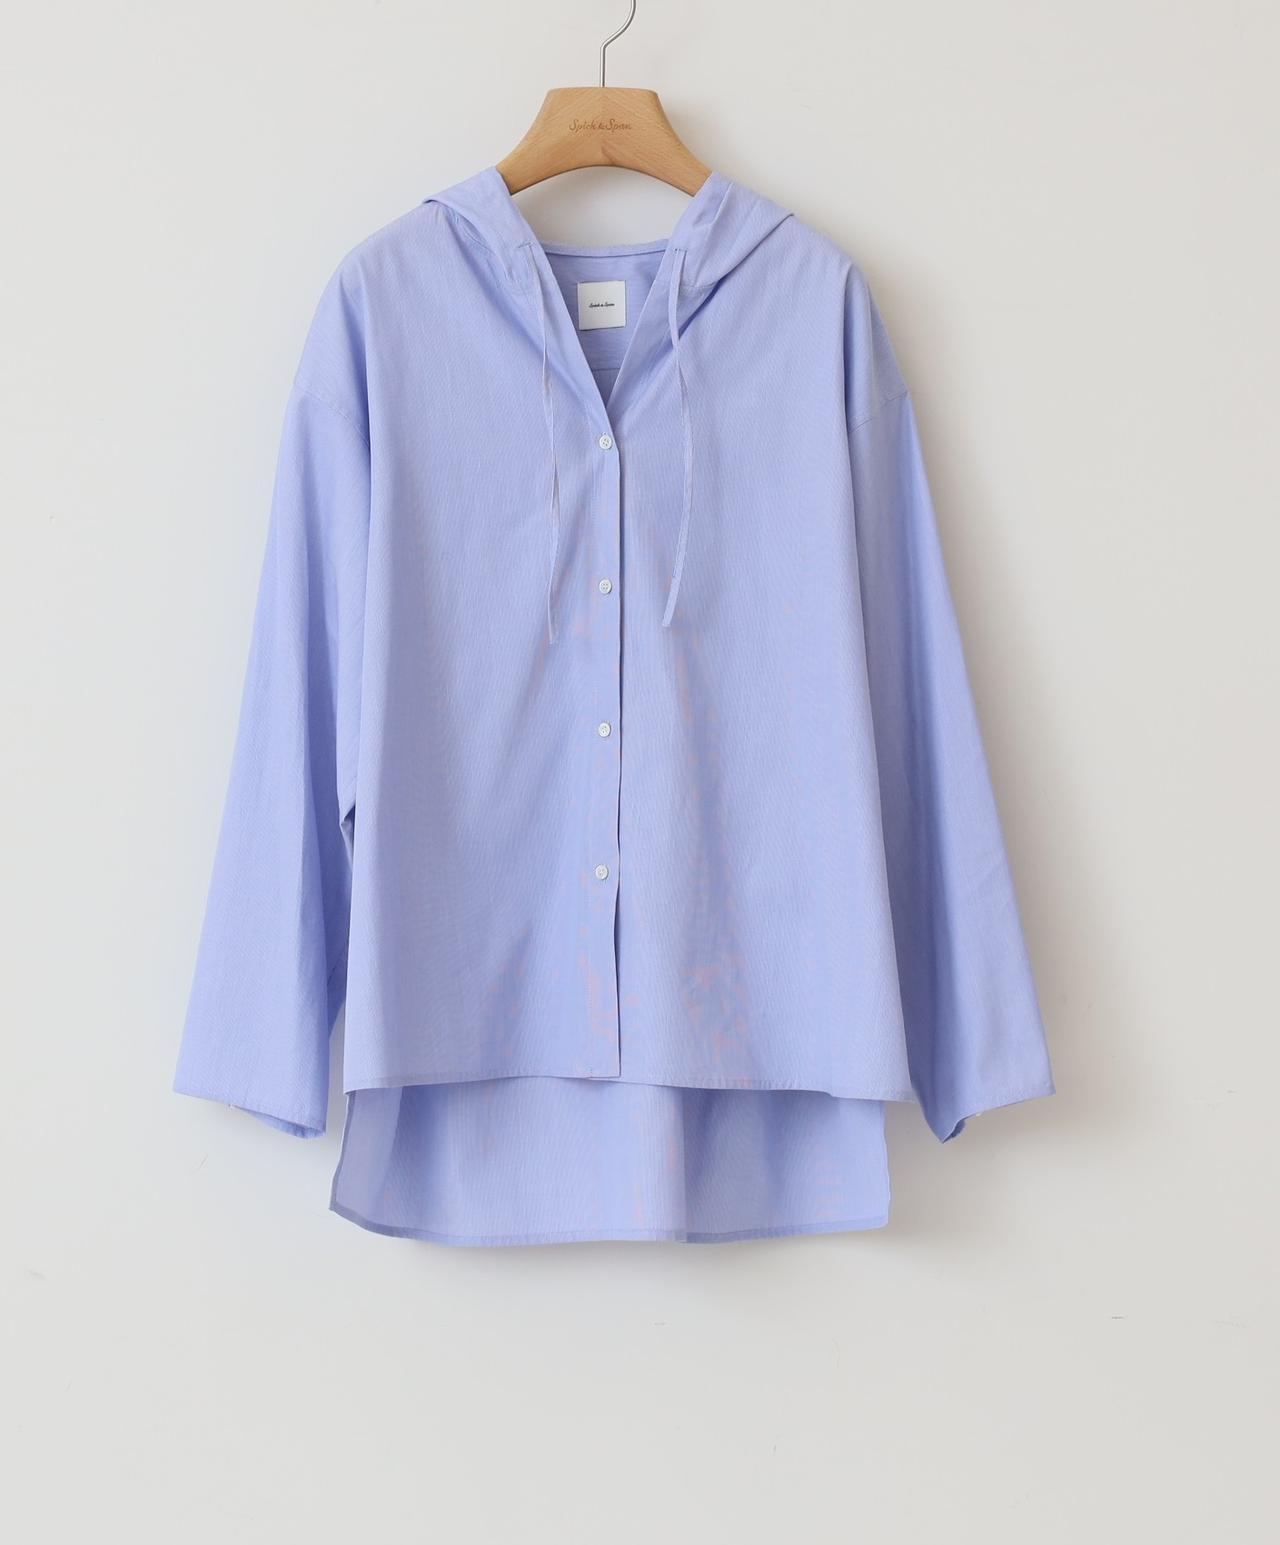 画像: タイプライターフーディーシャツ¥15,400(税込) 出典:fashion trend news )